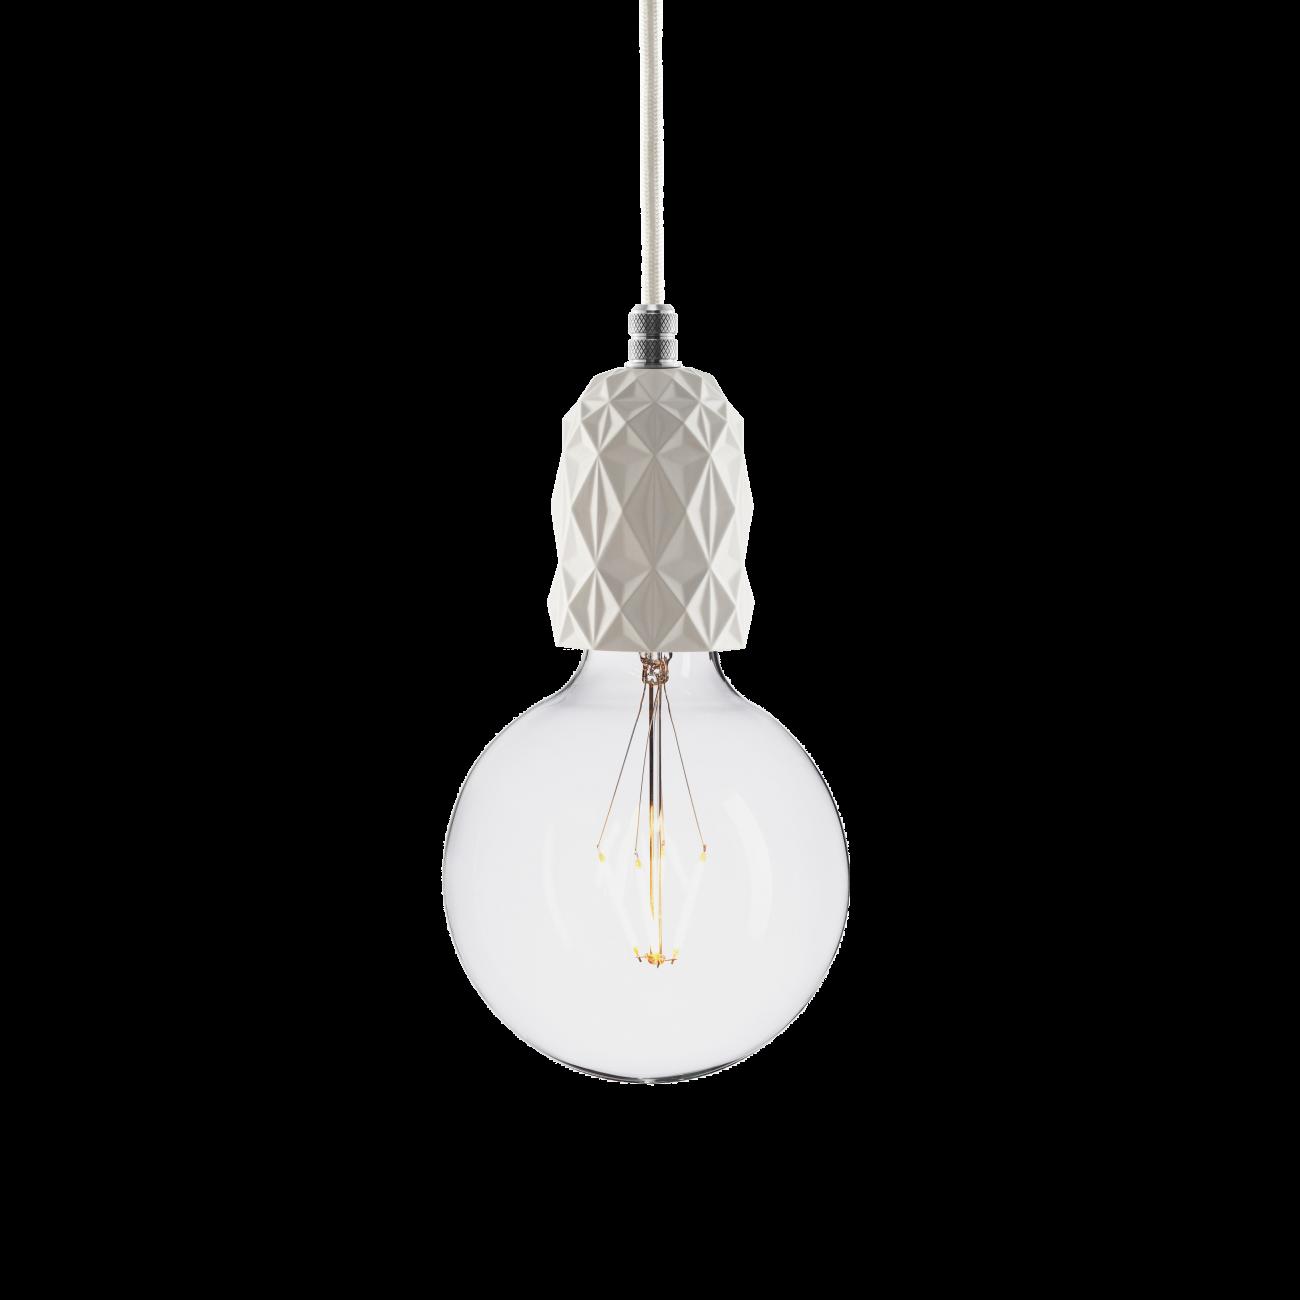 Купить Подвесной светильник BETON AIR WHITE ALUMINUM в интернет магазине дизайнерской мебели и аксессуаров для дома и дачи